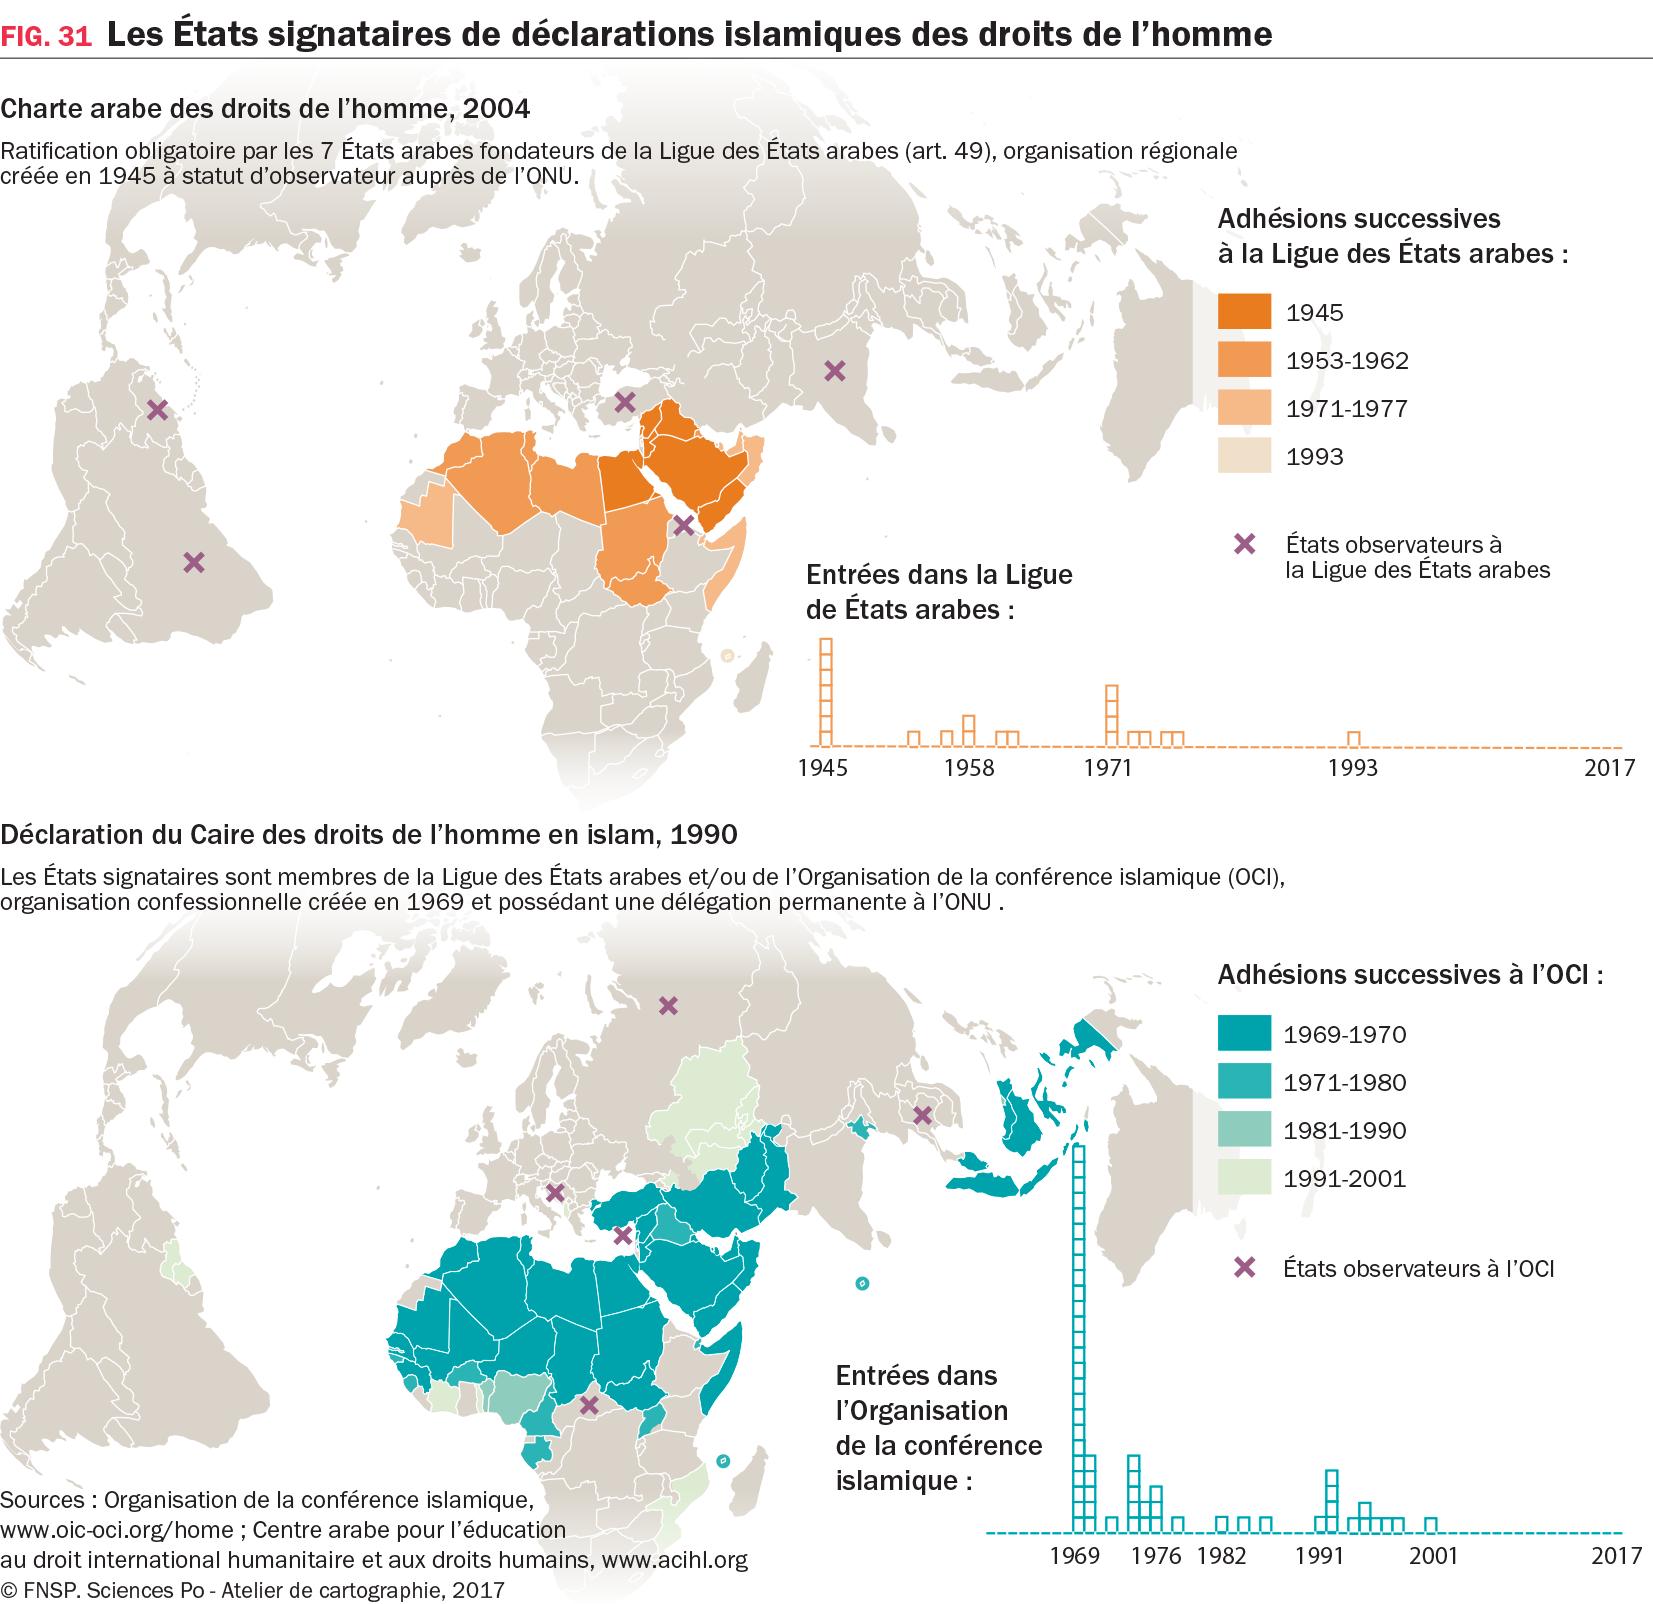 Carte : Les États signataires de déclarations islamiques des droits de l'homme